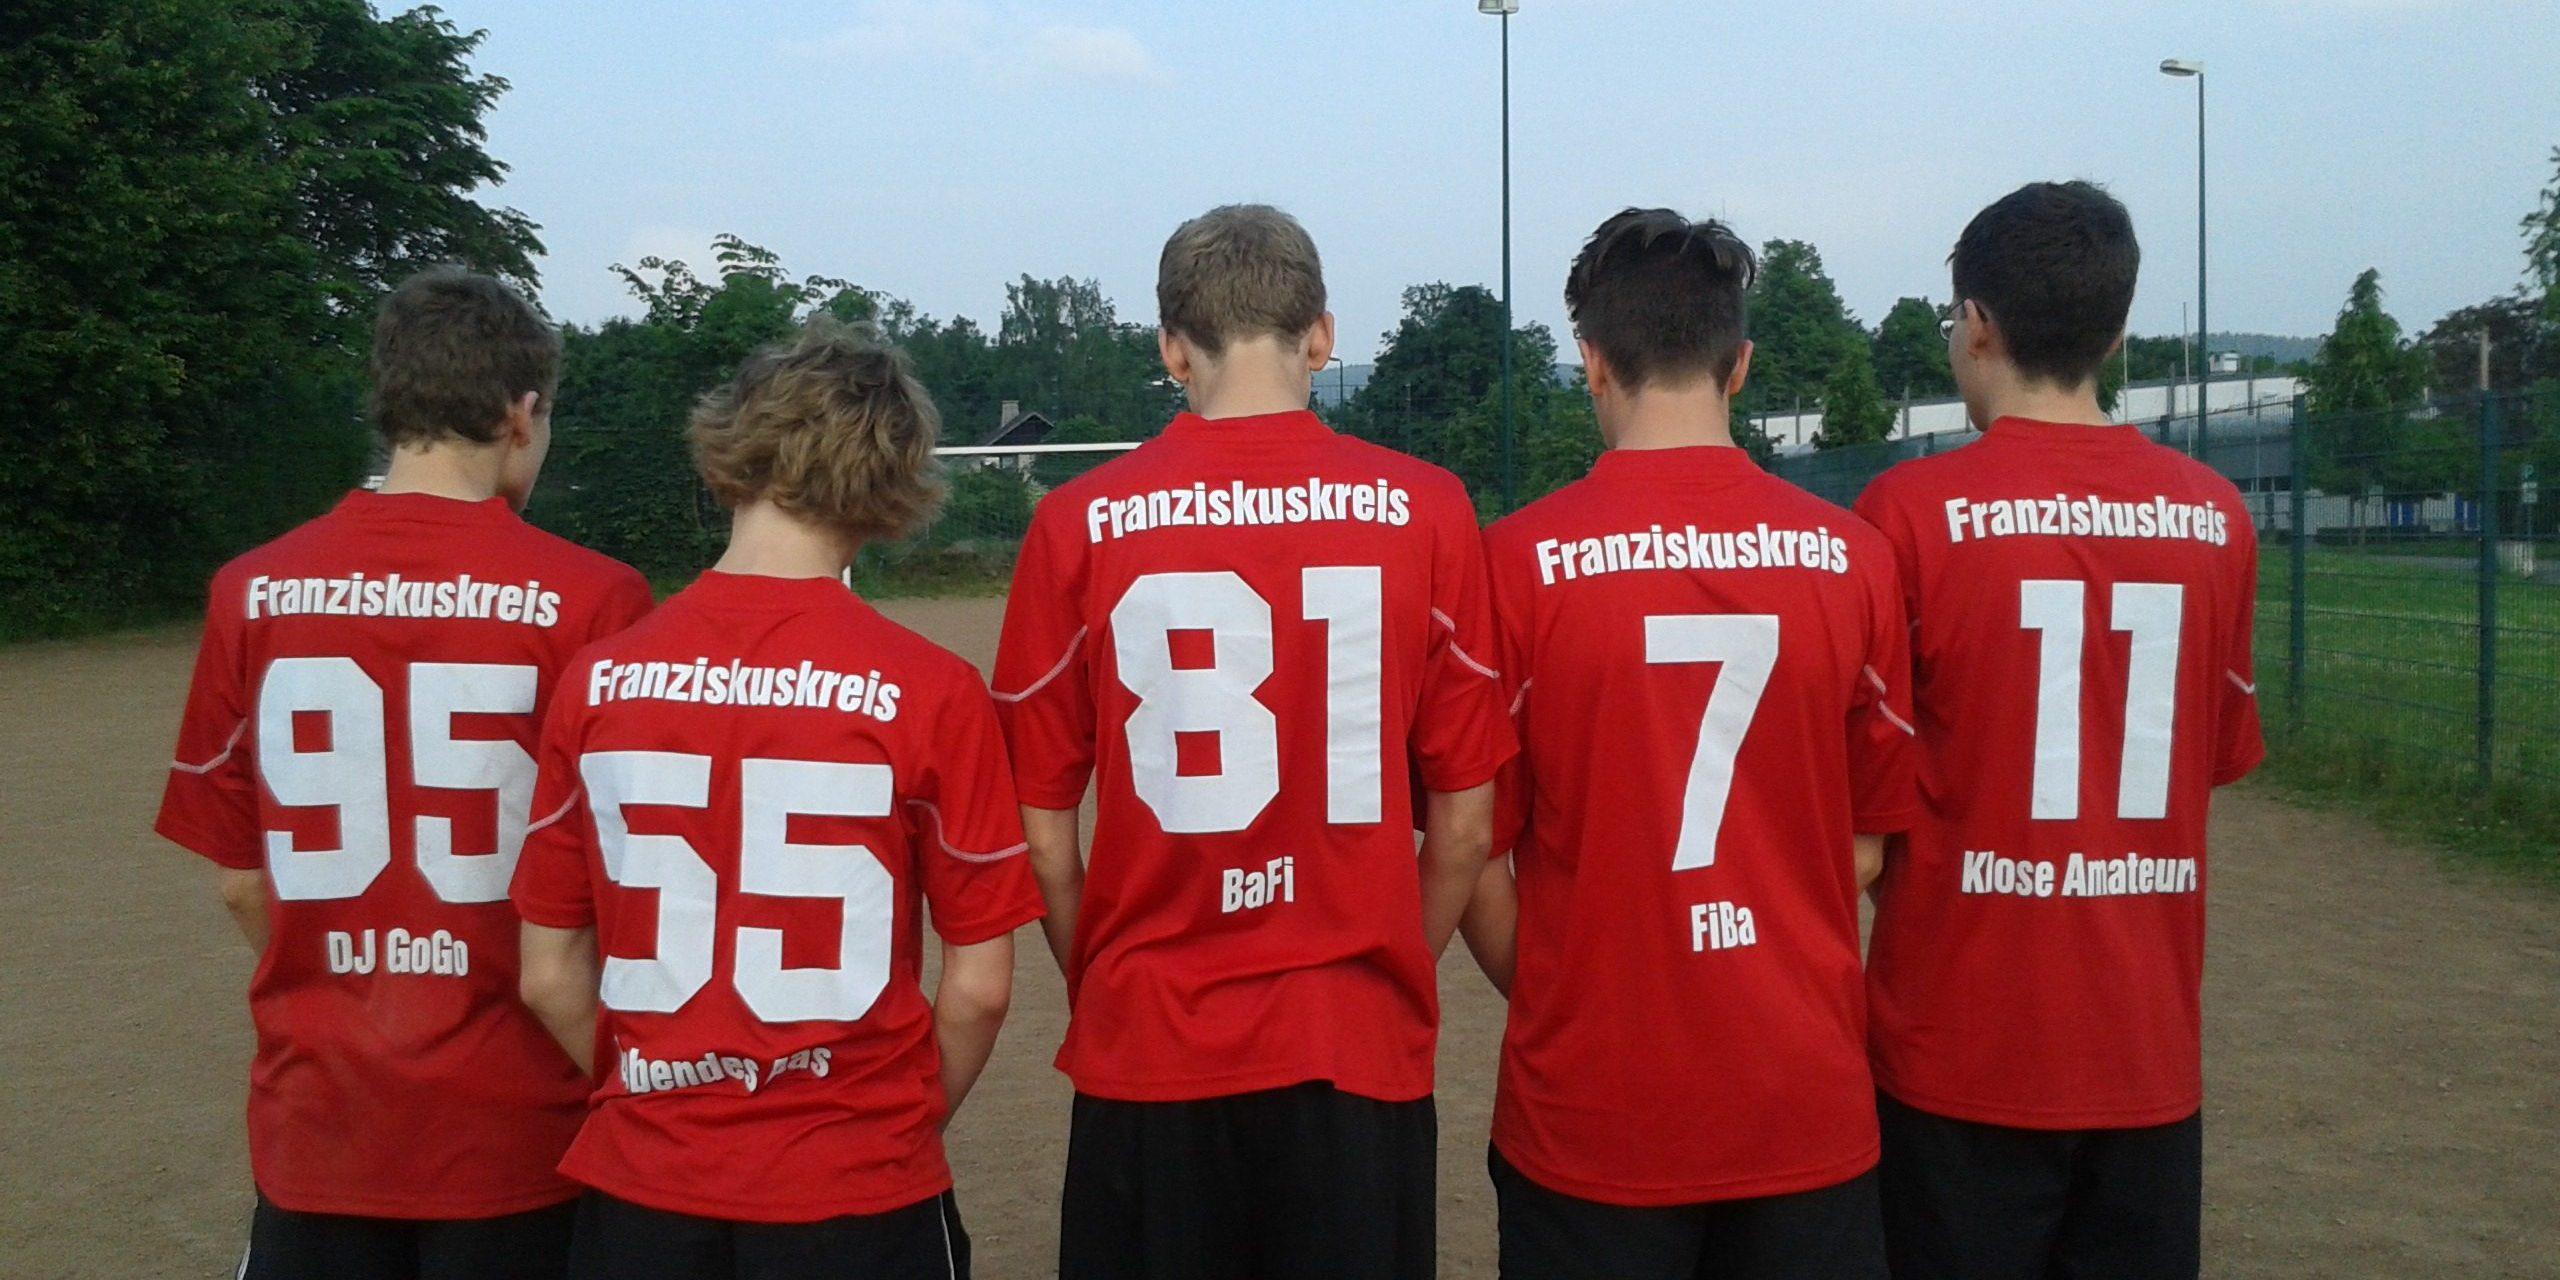 """Die Jungs vom Fußballteam """"Franziskuskreis Sauerland"""" (kurz """"FKS"""") in den neuen Trikots."""